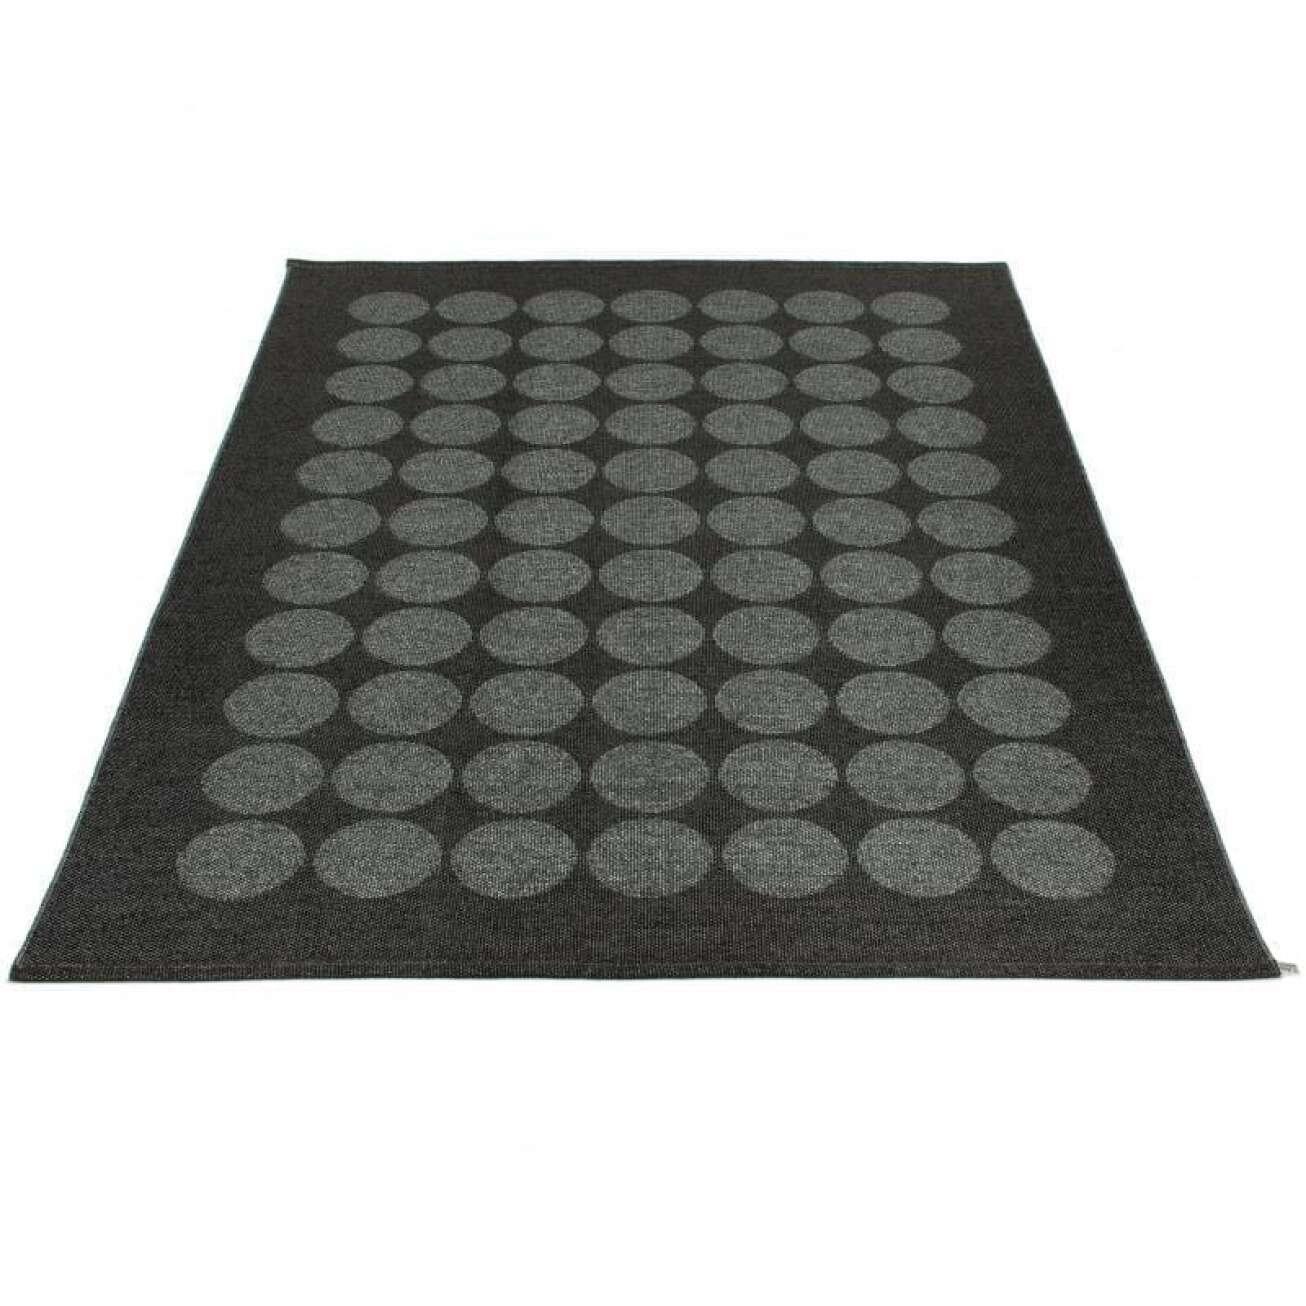 Pappelina Teppe Hugo Black Metallic/black 260 Cm (hux1826) Hagemøbler og utemøbler - Fine design